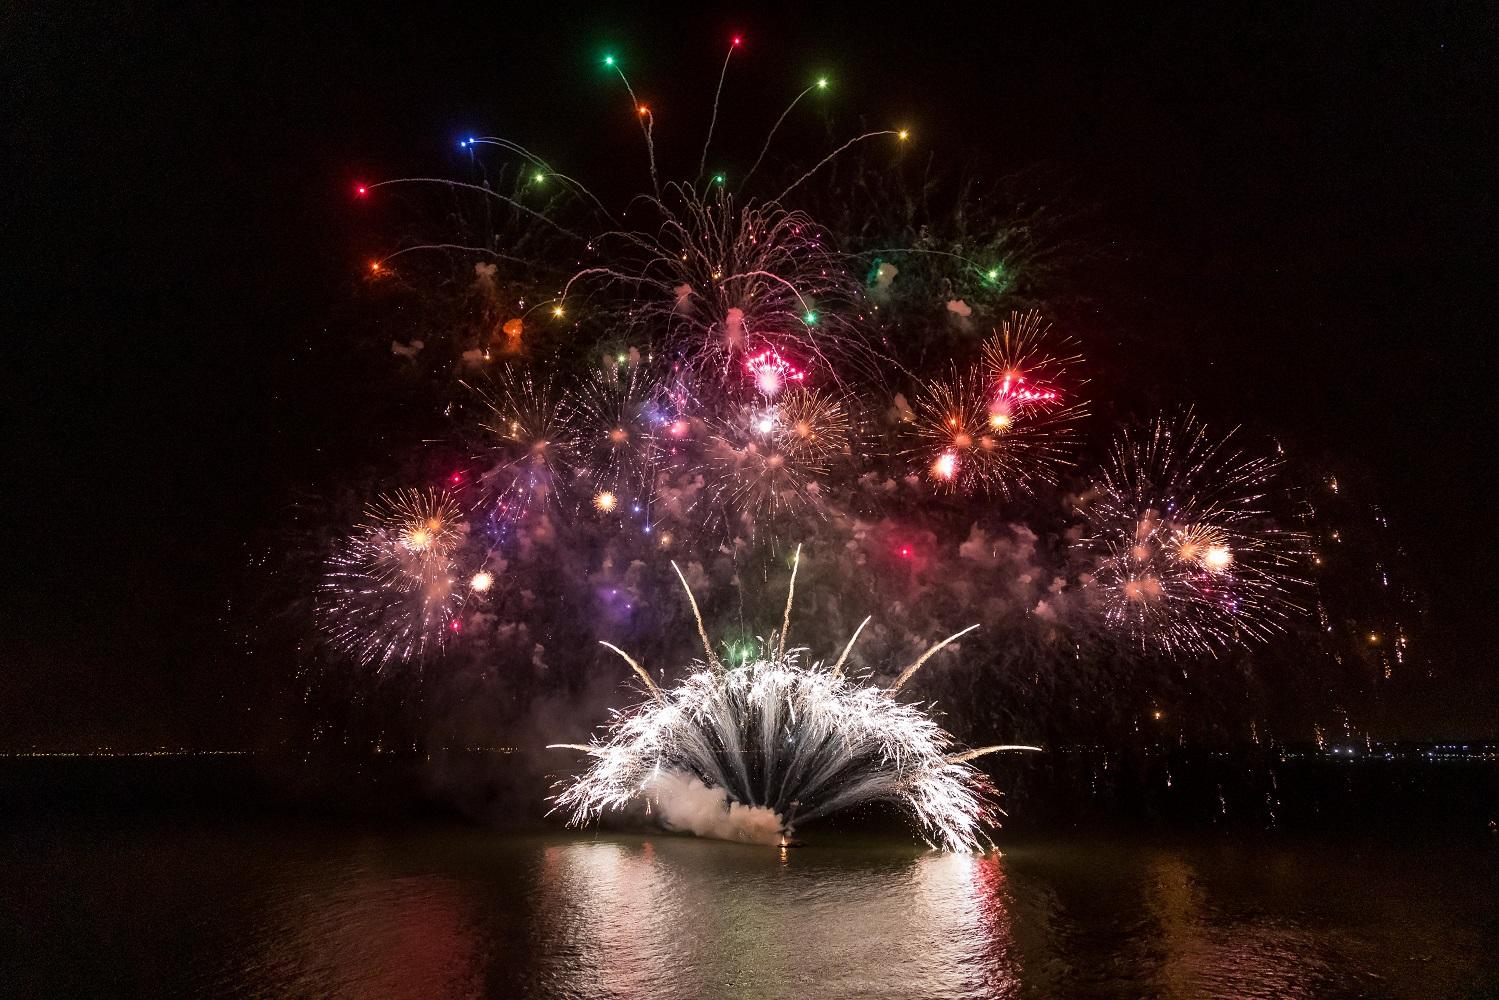 Spektakuläres Feuerwerk bei der Premierenfeier der Mein Schiff Herz von TUI Cruises